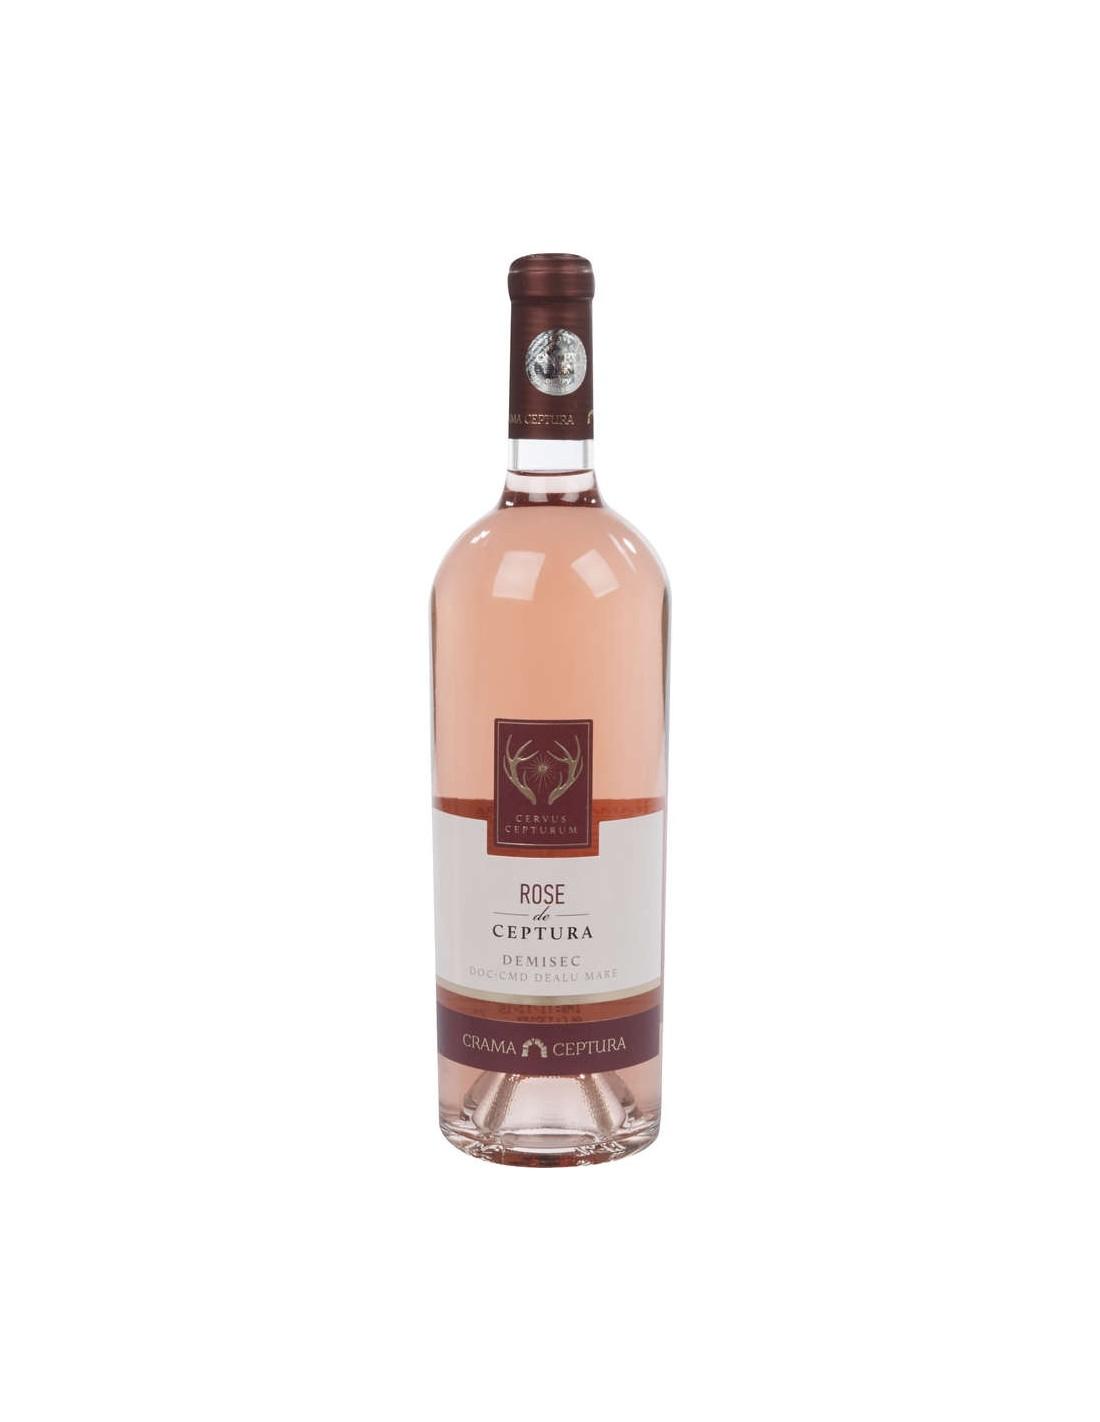 Vin roze demisec, Sauvignon Blanc, Ceptura Dealu Mare, 0.75L, 13% alc., Romania